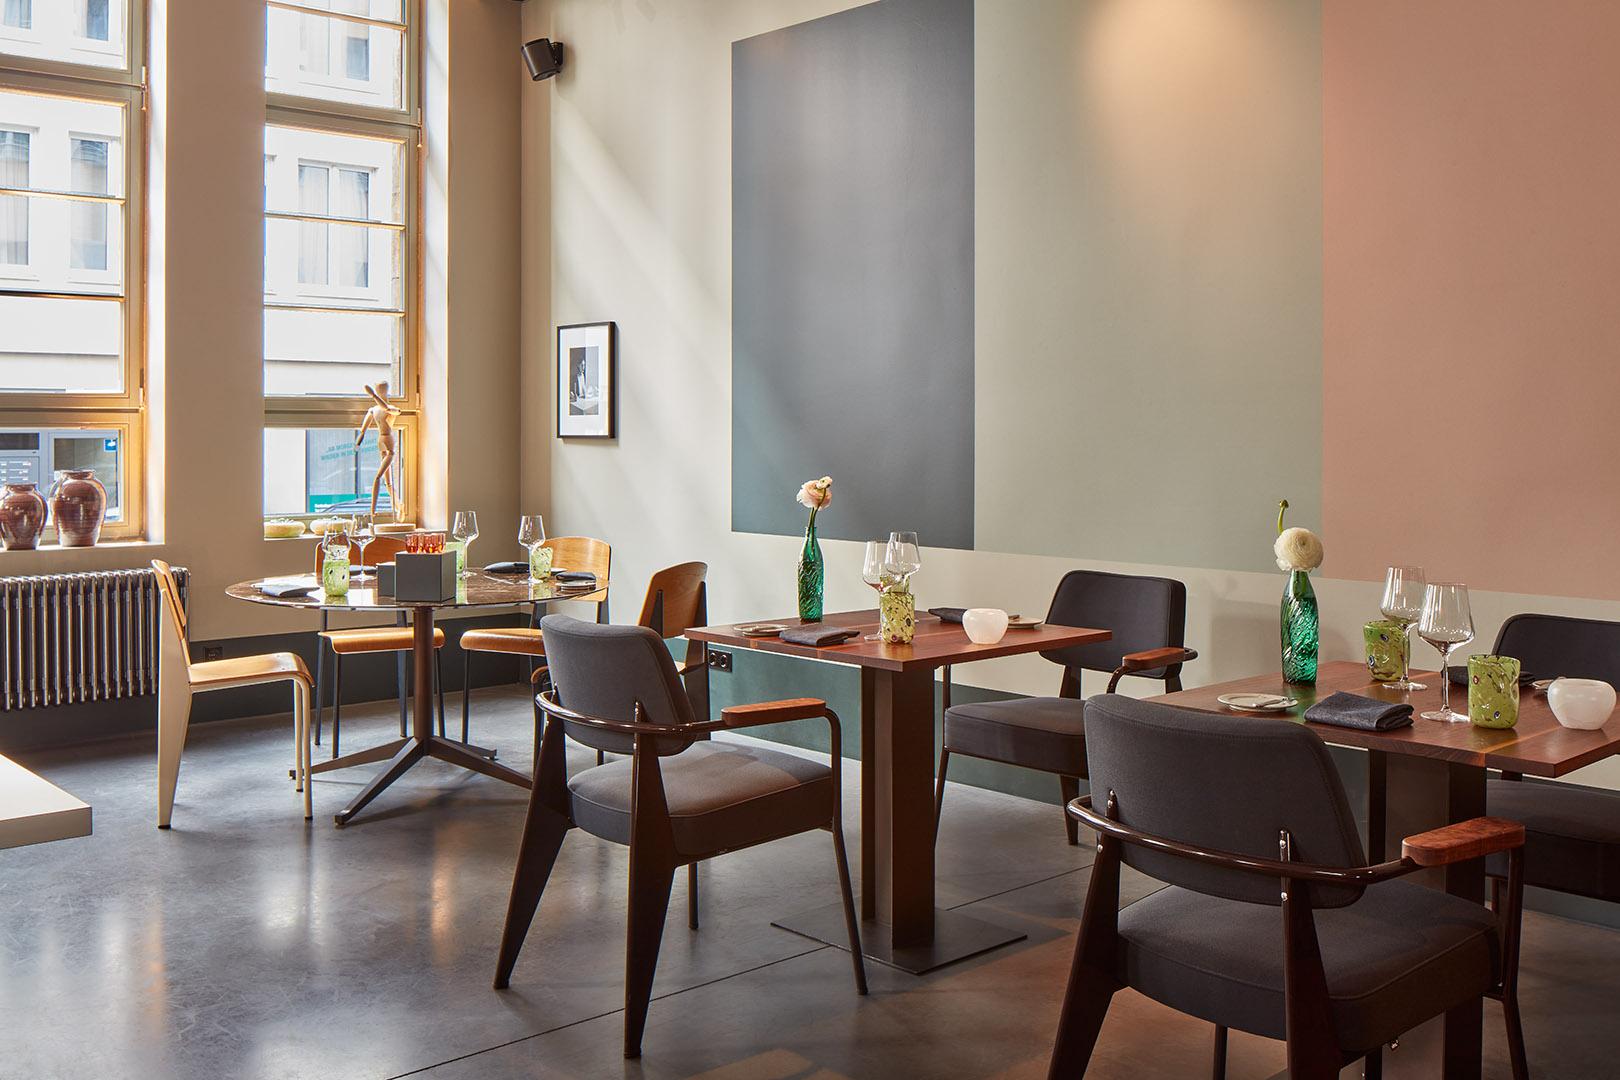 Restaurant Weinsinn, Frankfurt a.M.